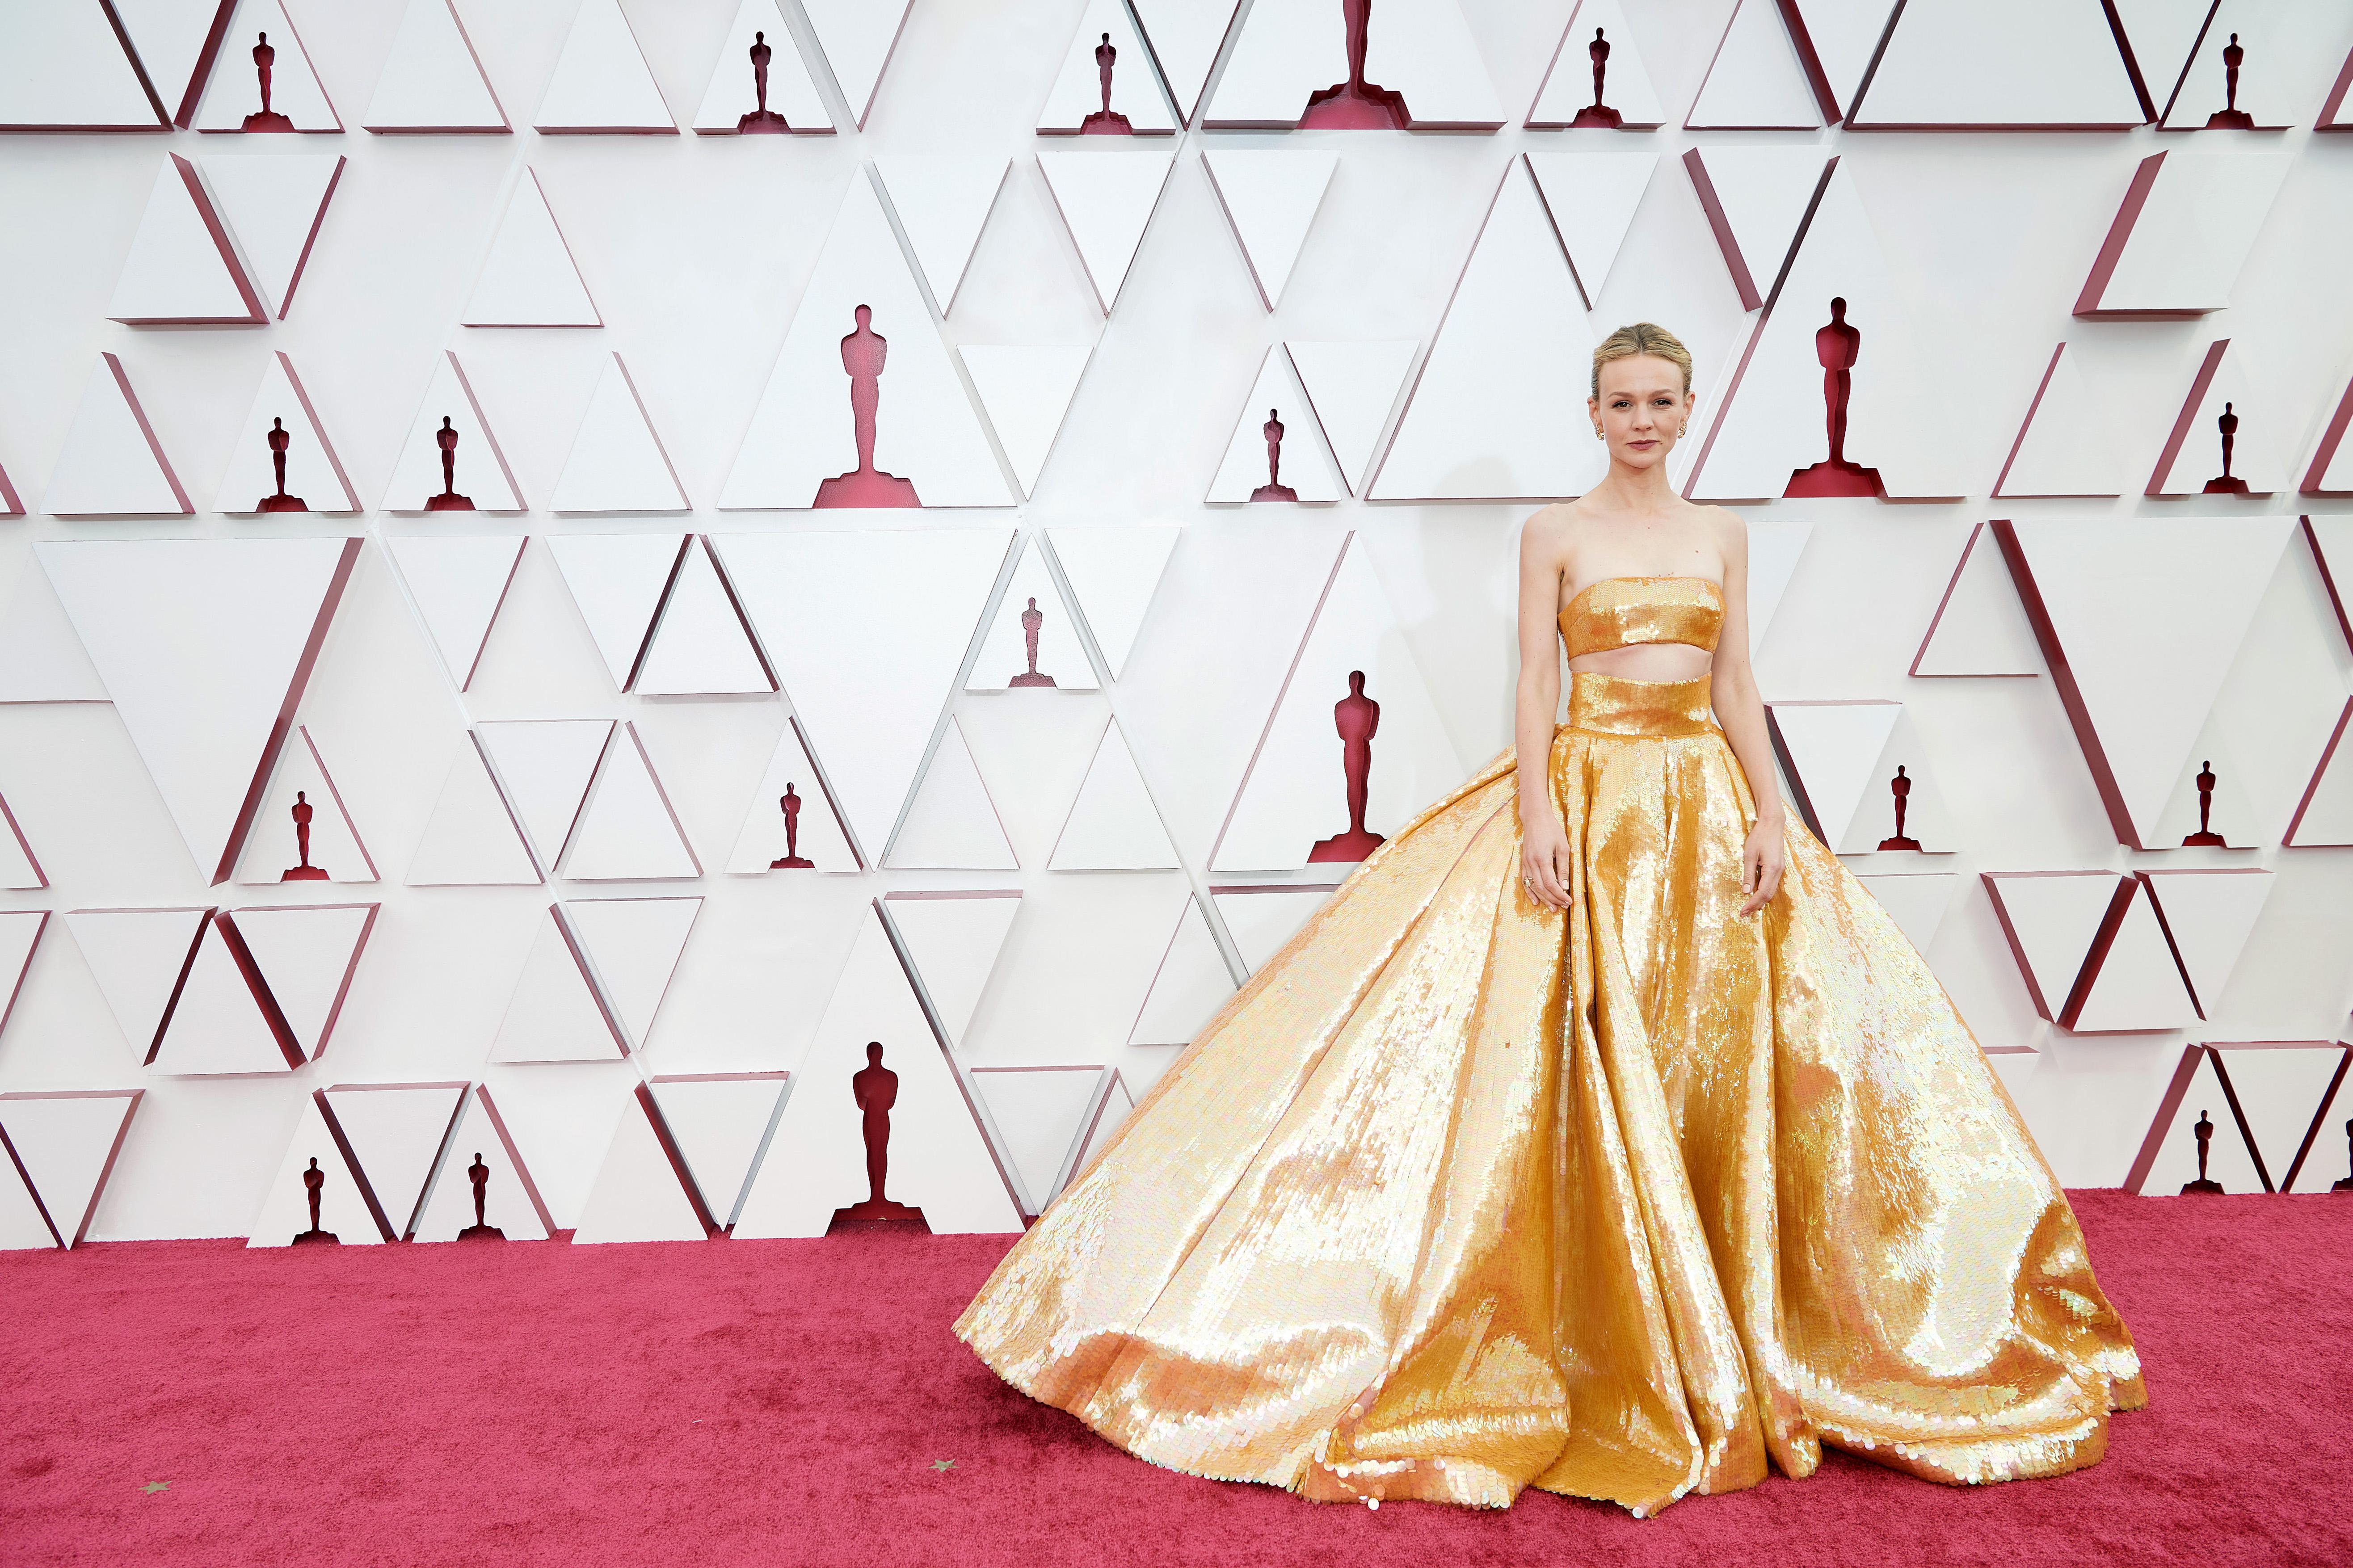 Carey é uma mulher branca, loira, com um vestido de saia volumosa dourado e recorte logo abaixo dos seios